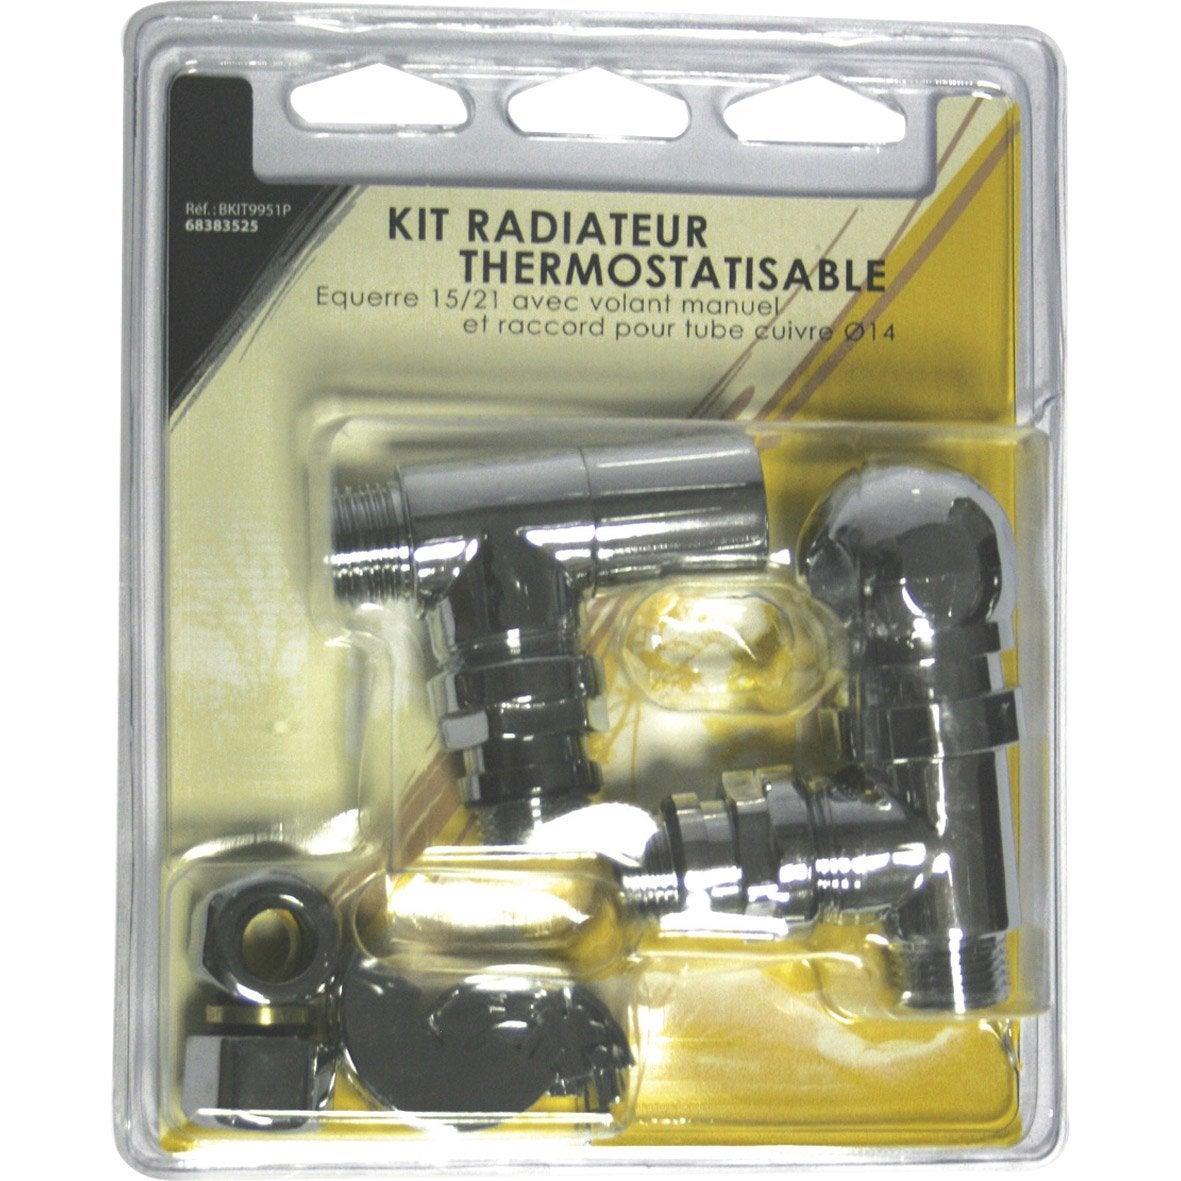 Kit robinet thermostatique equerre 15 22 m le femelle - Robinet thermostatique chauffage central ...